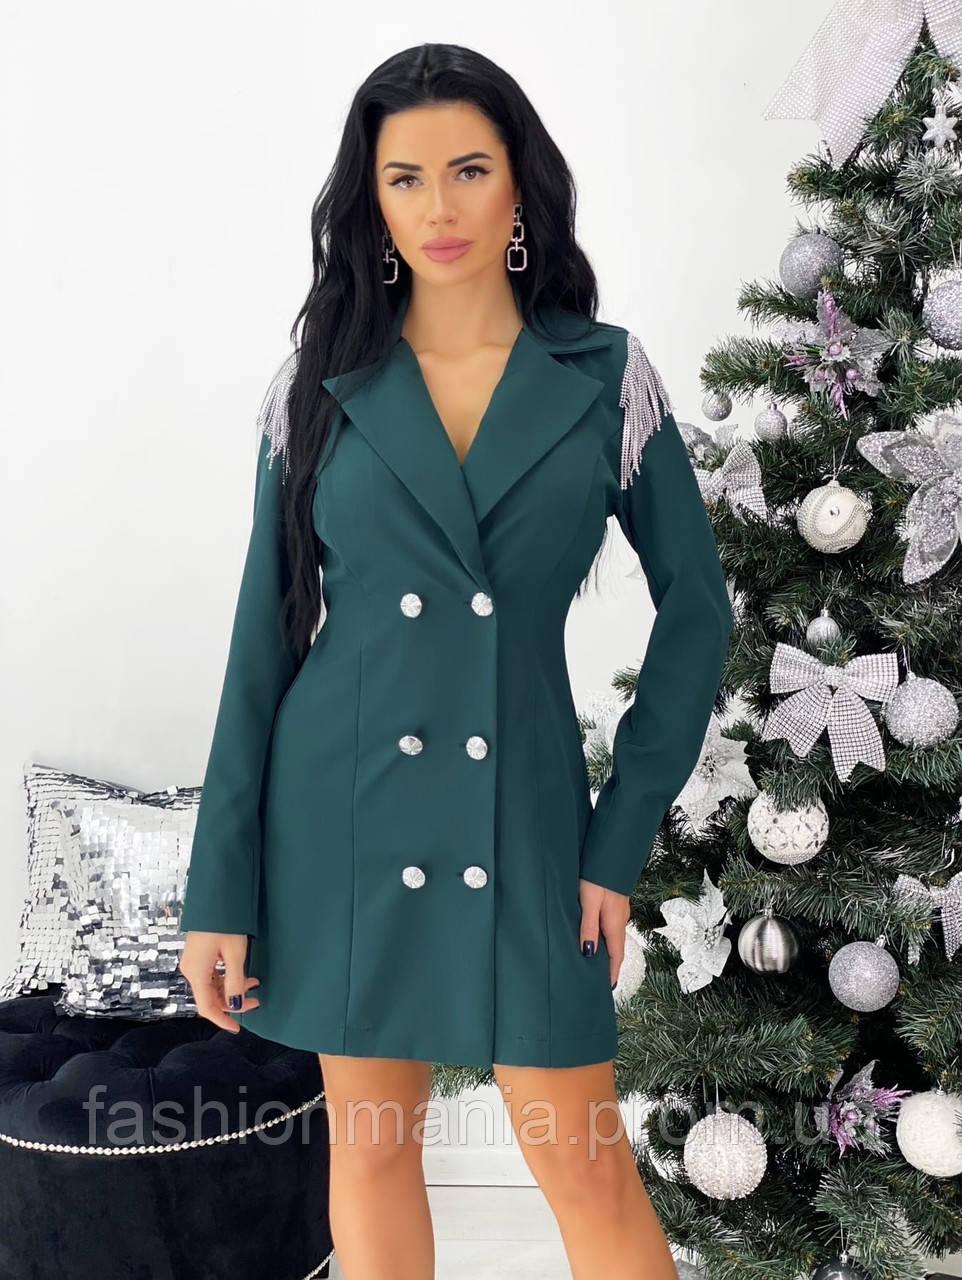 Платье- пиджак женское нарядное зелёный, пудра, белый, чёрный 42-44,46-48